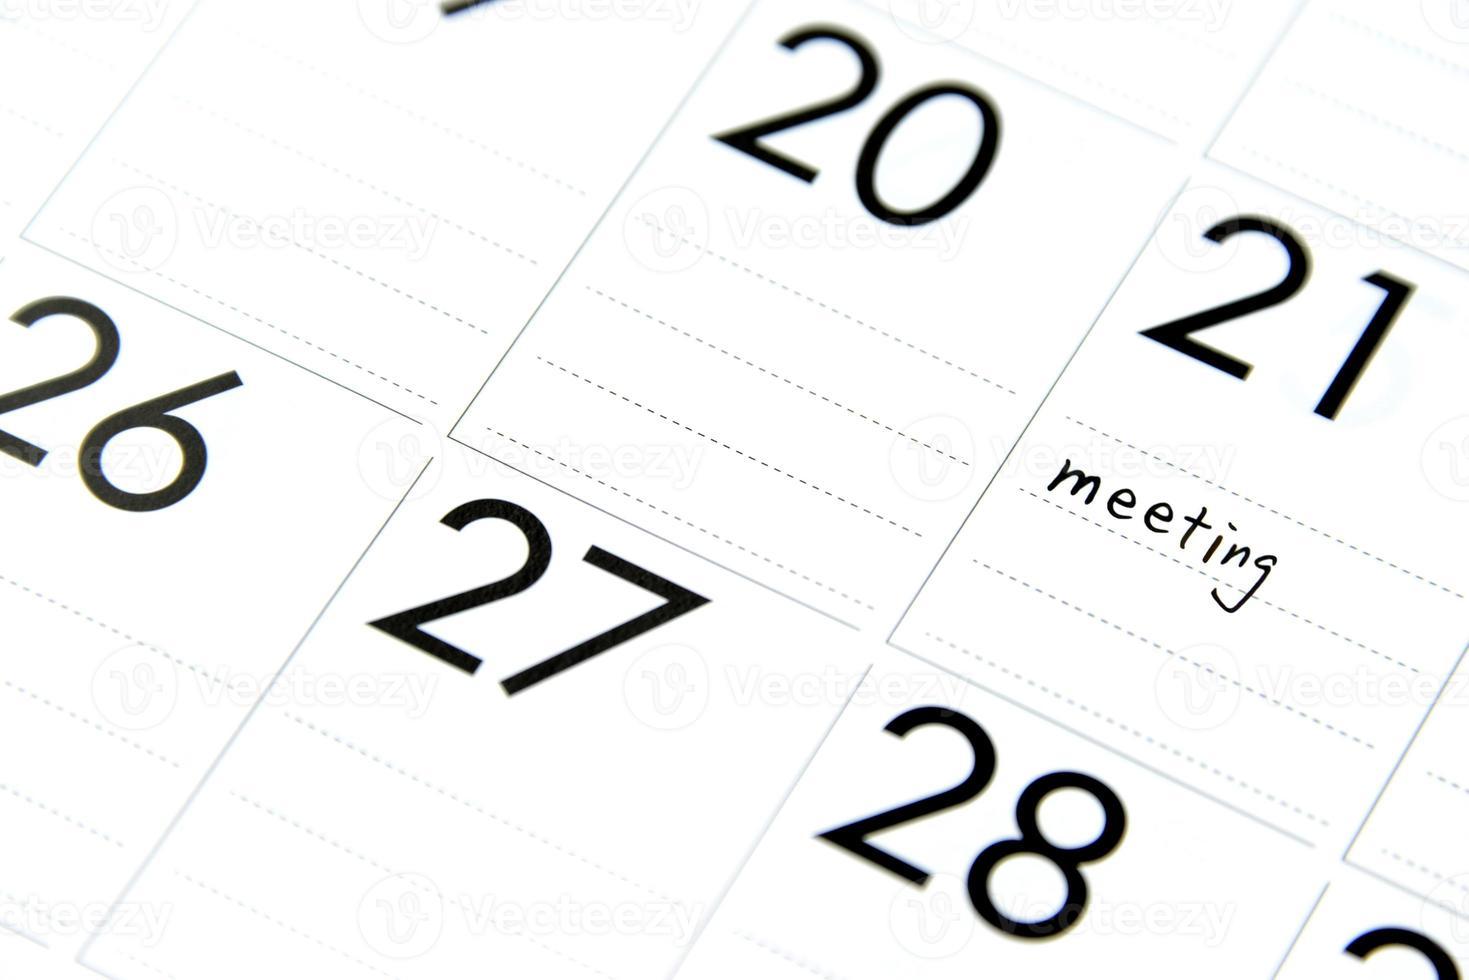 réunion d'affaires prévue photo